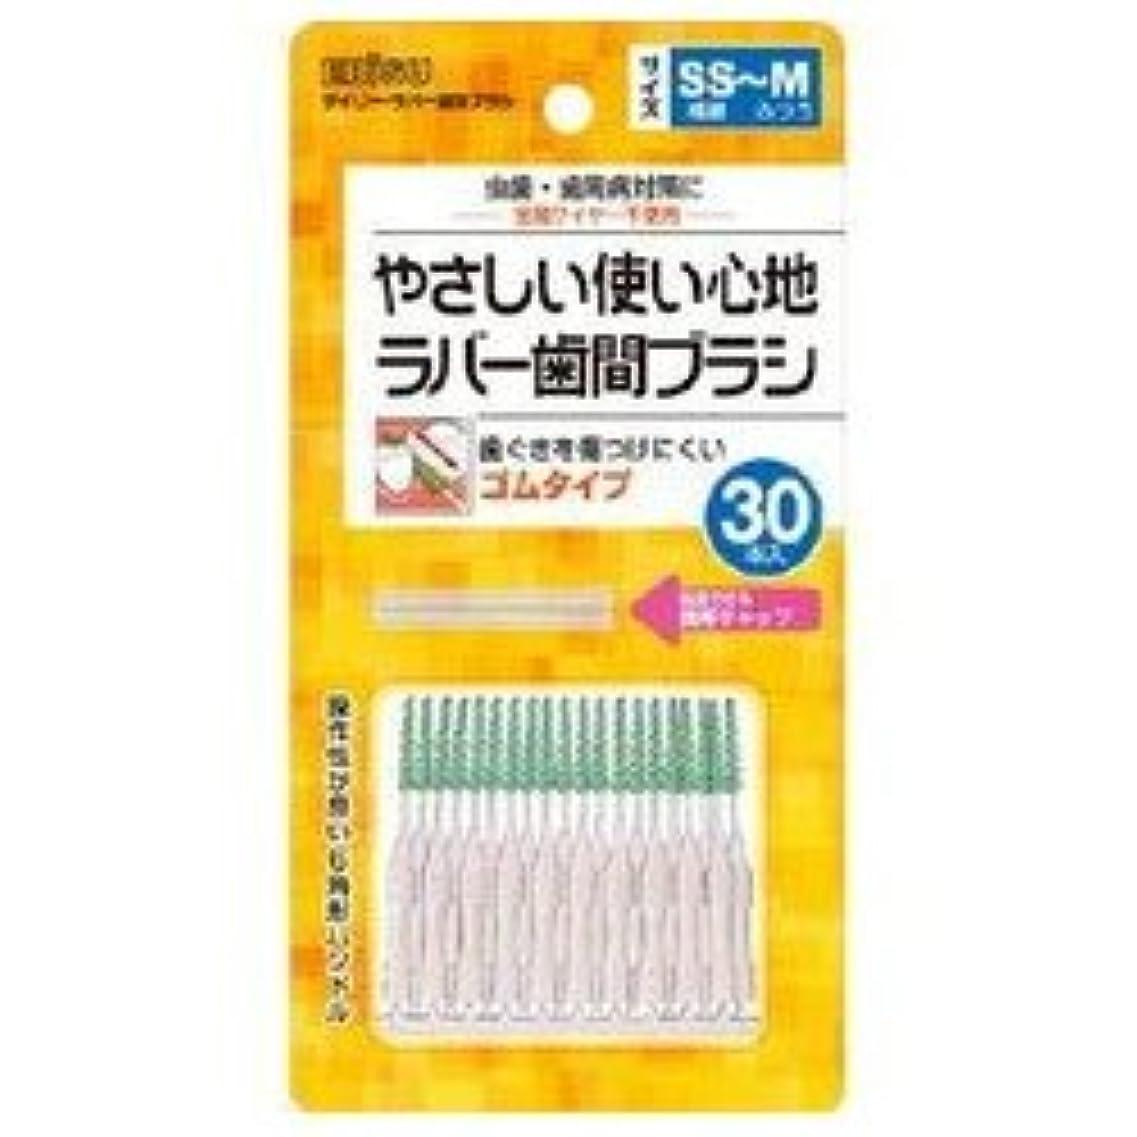 啓示特権雑多な【エビス】デイリーラバー 歯間ブラシ SS~M 30本入 ×20個セット